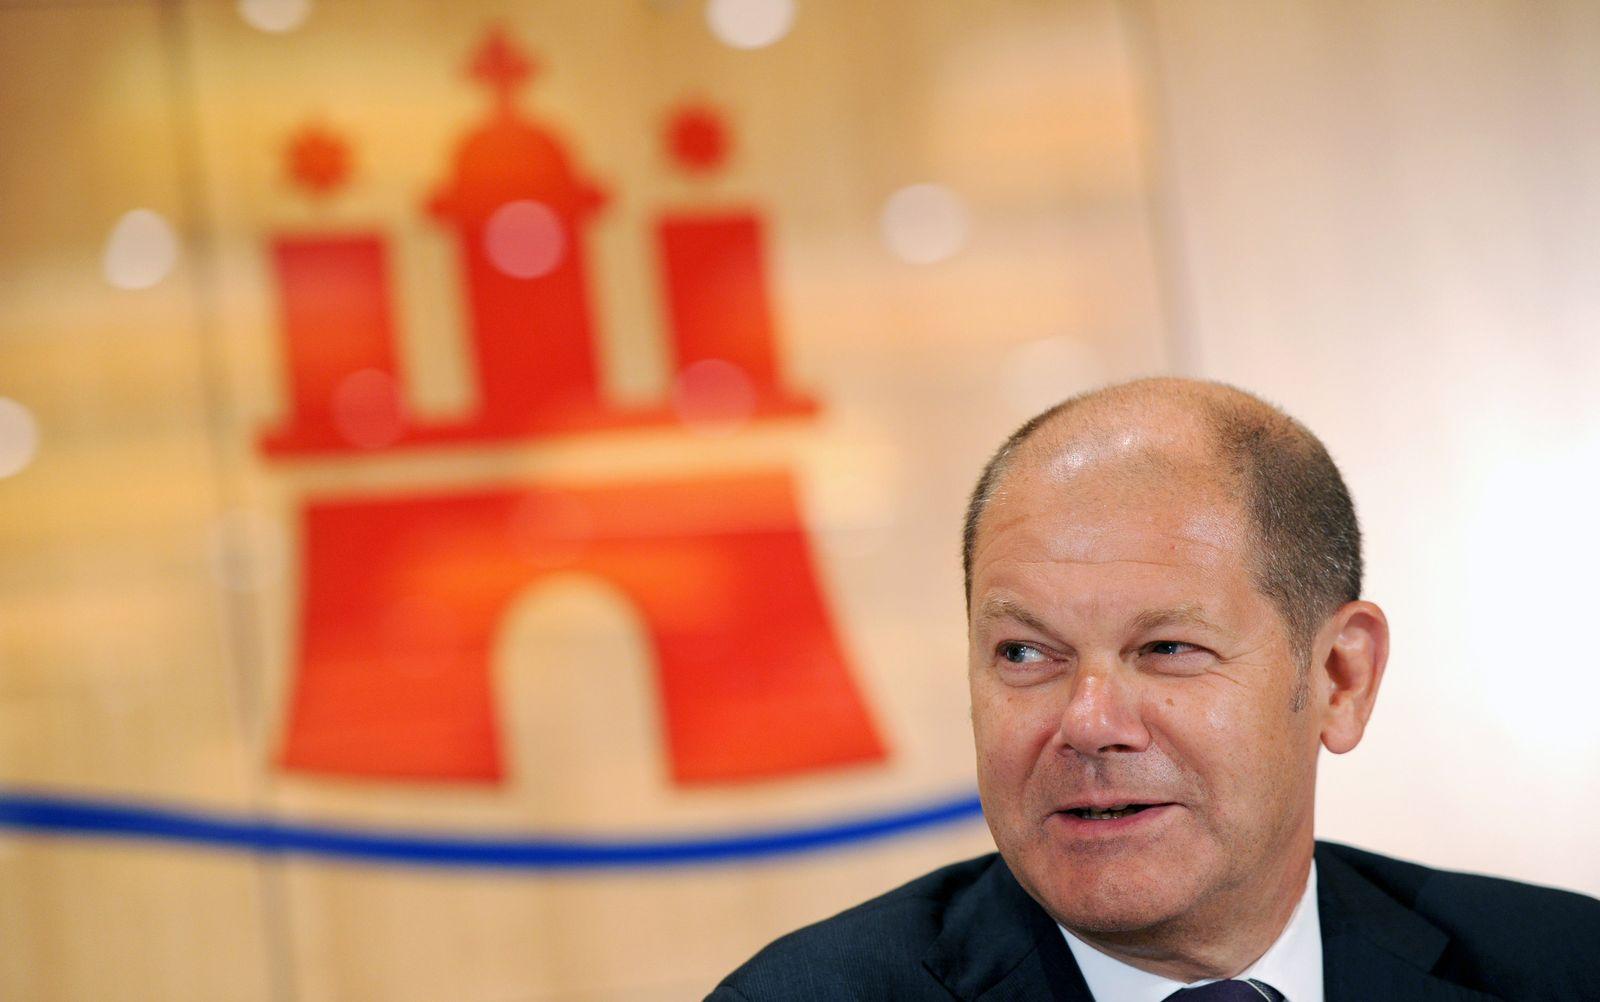 Hamburgs Bürgermeister Scholz